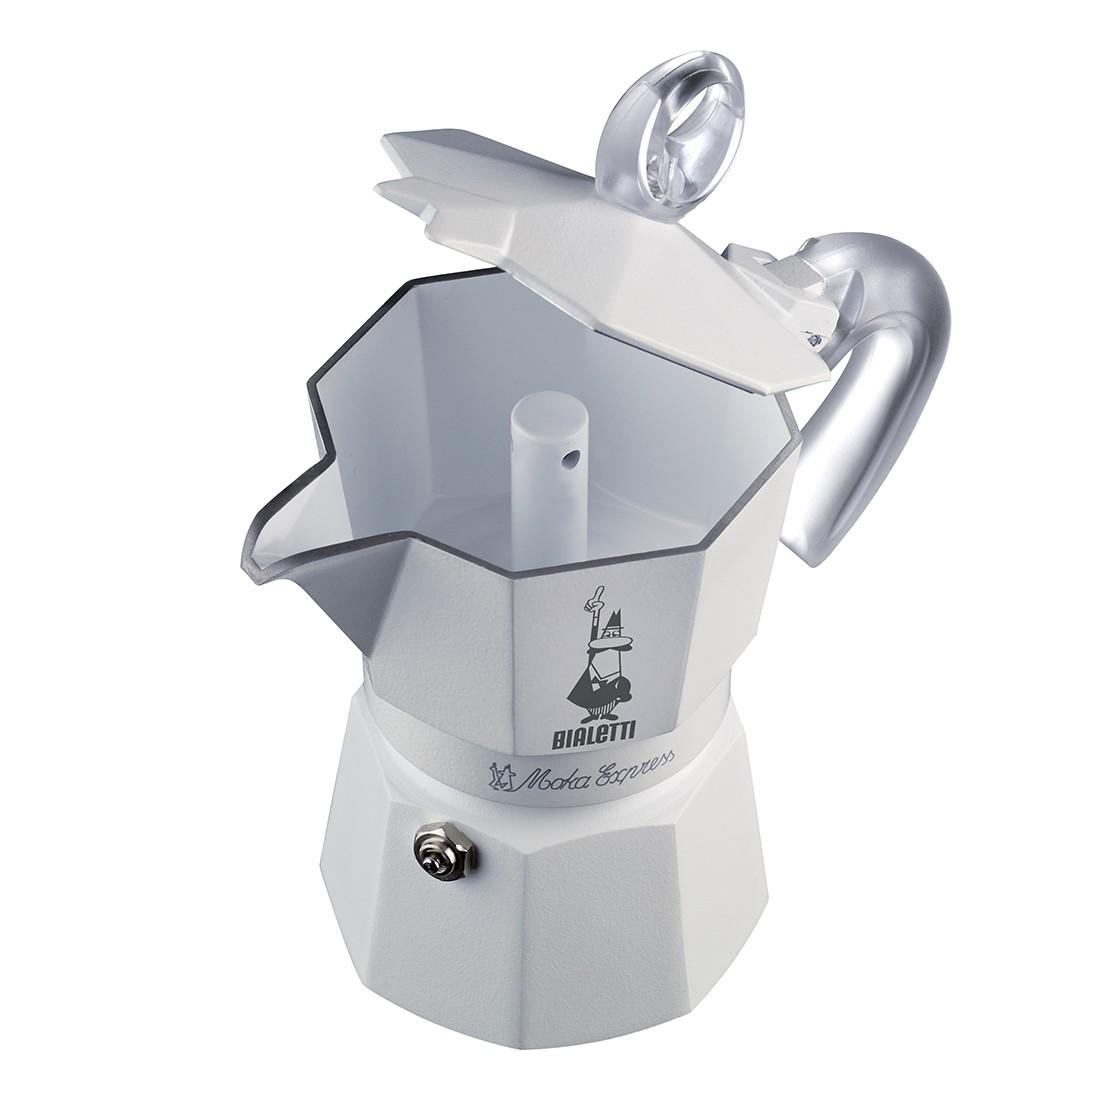 Moka Express – Ceramica – 3 Tassen, Bialetti günstig bestellen